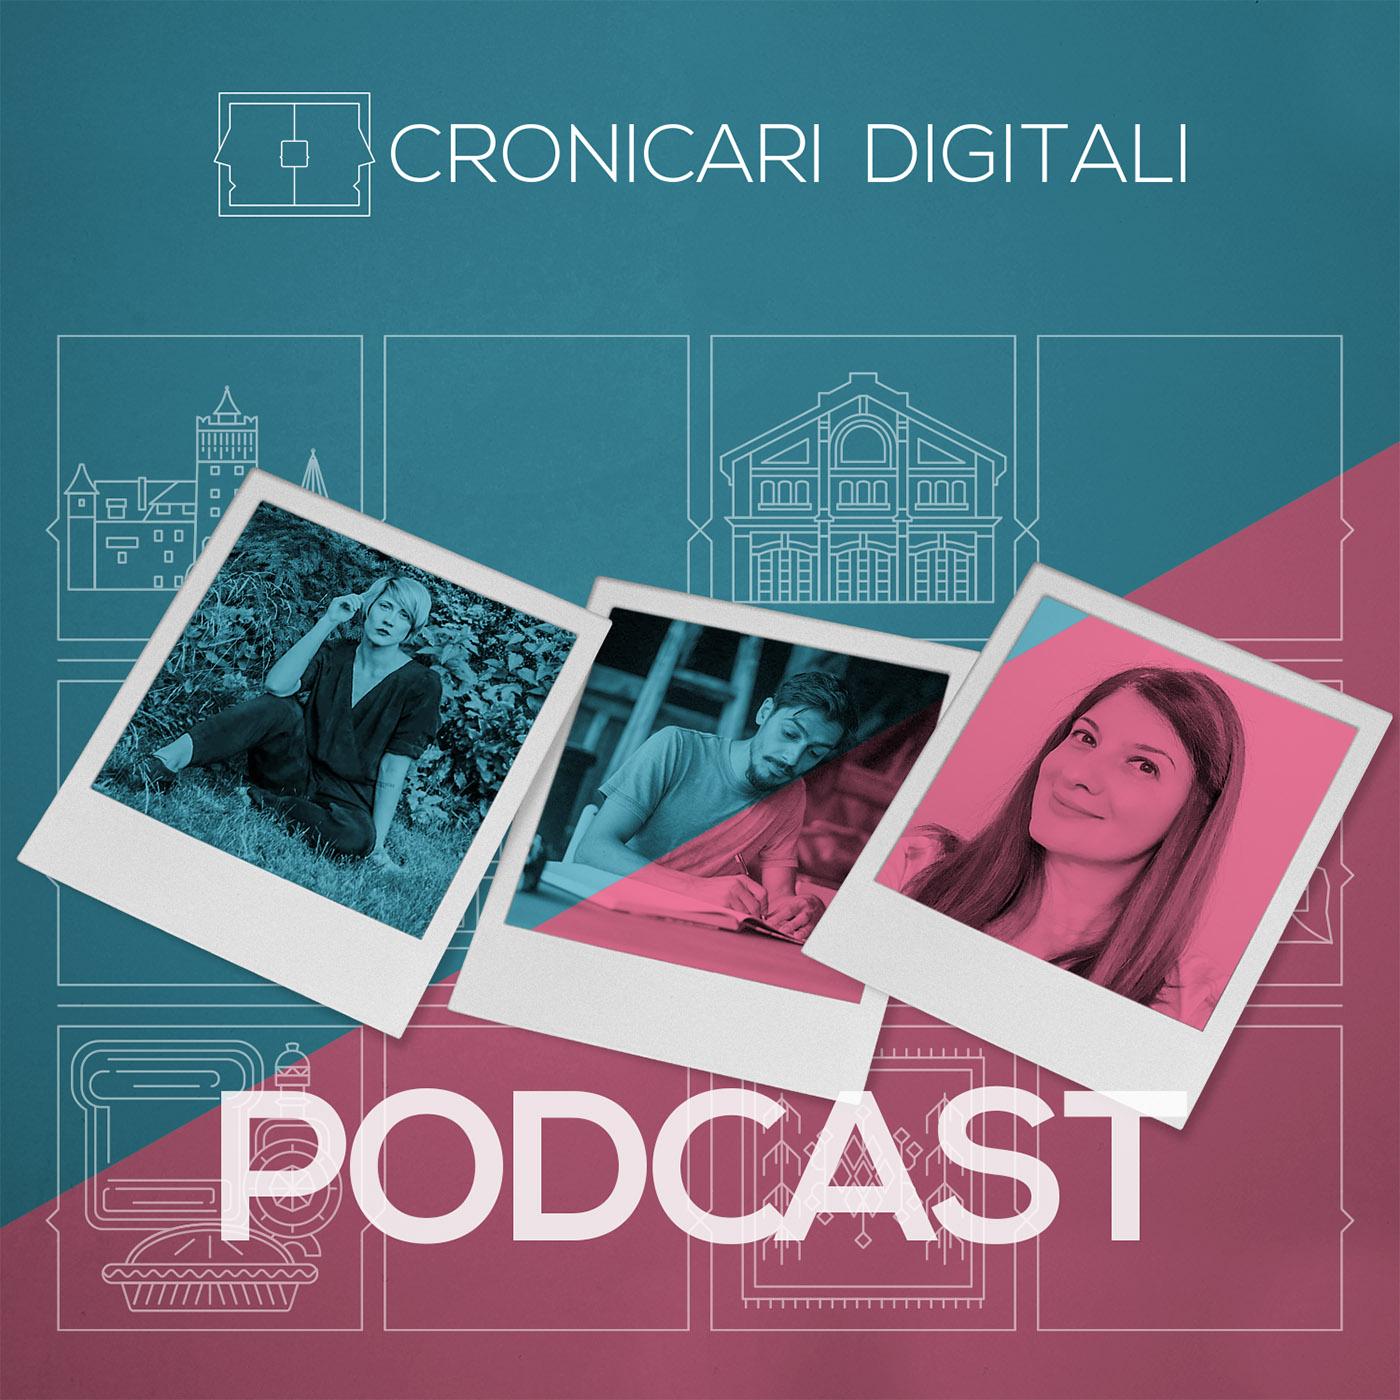 #cronicaridigitali S3 episod 12, Invitați Lea Rasovszky, Nicu Dumitru și Roxana Ceialâcu